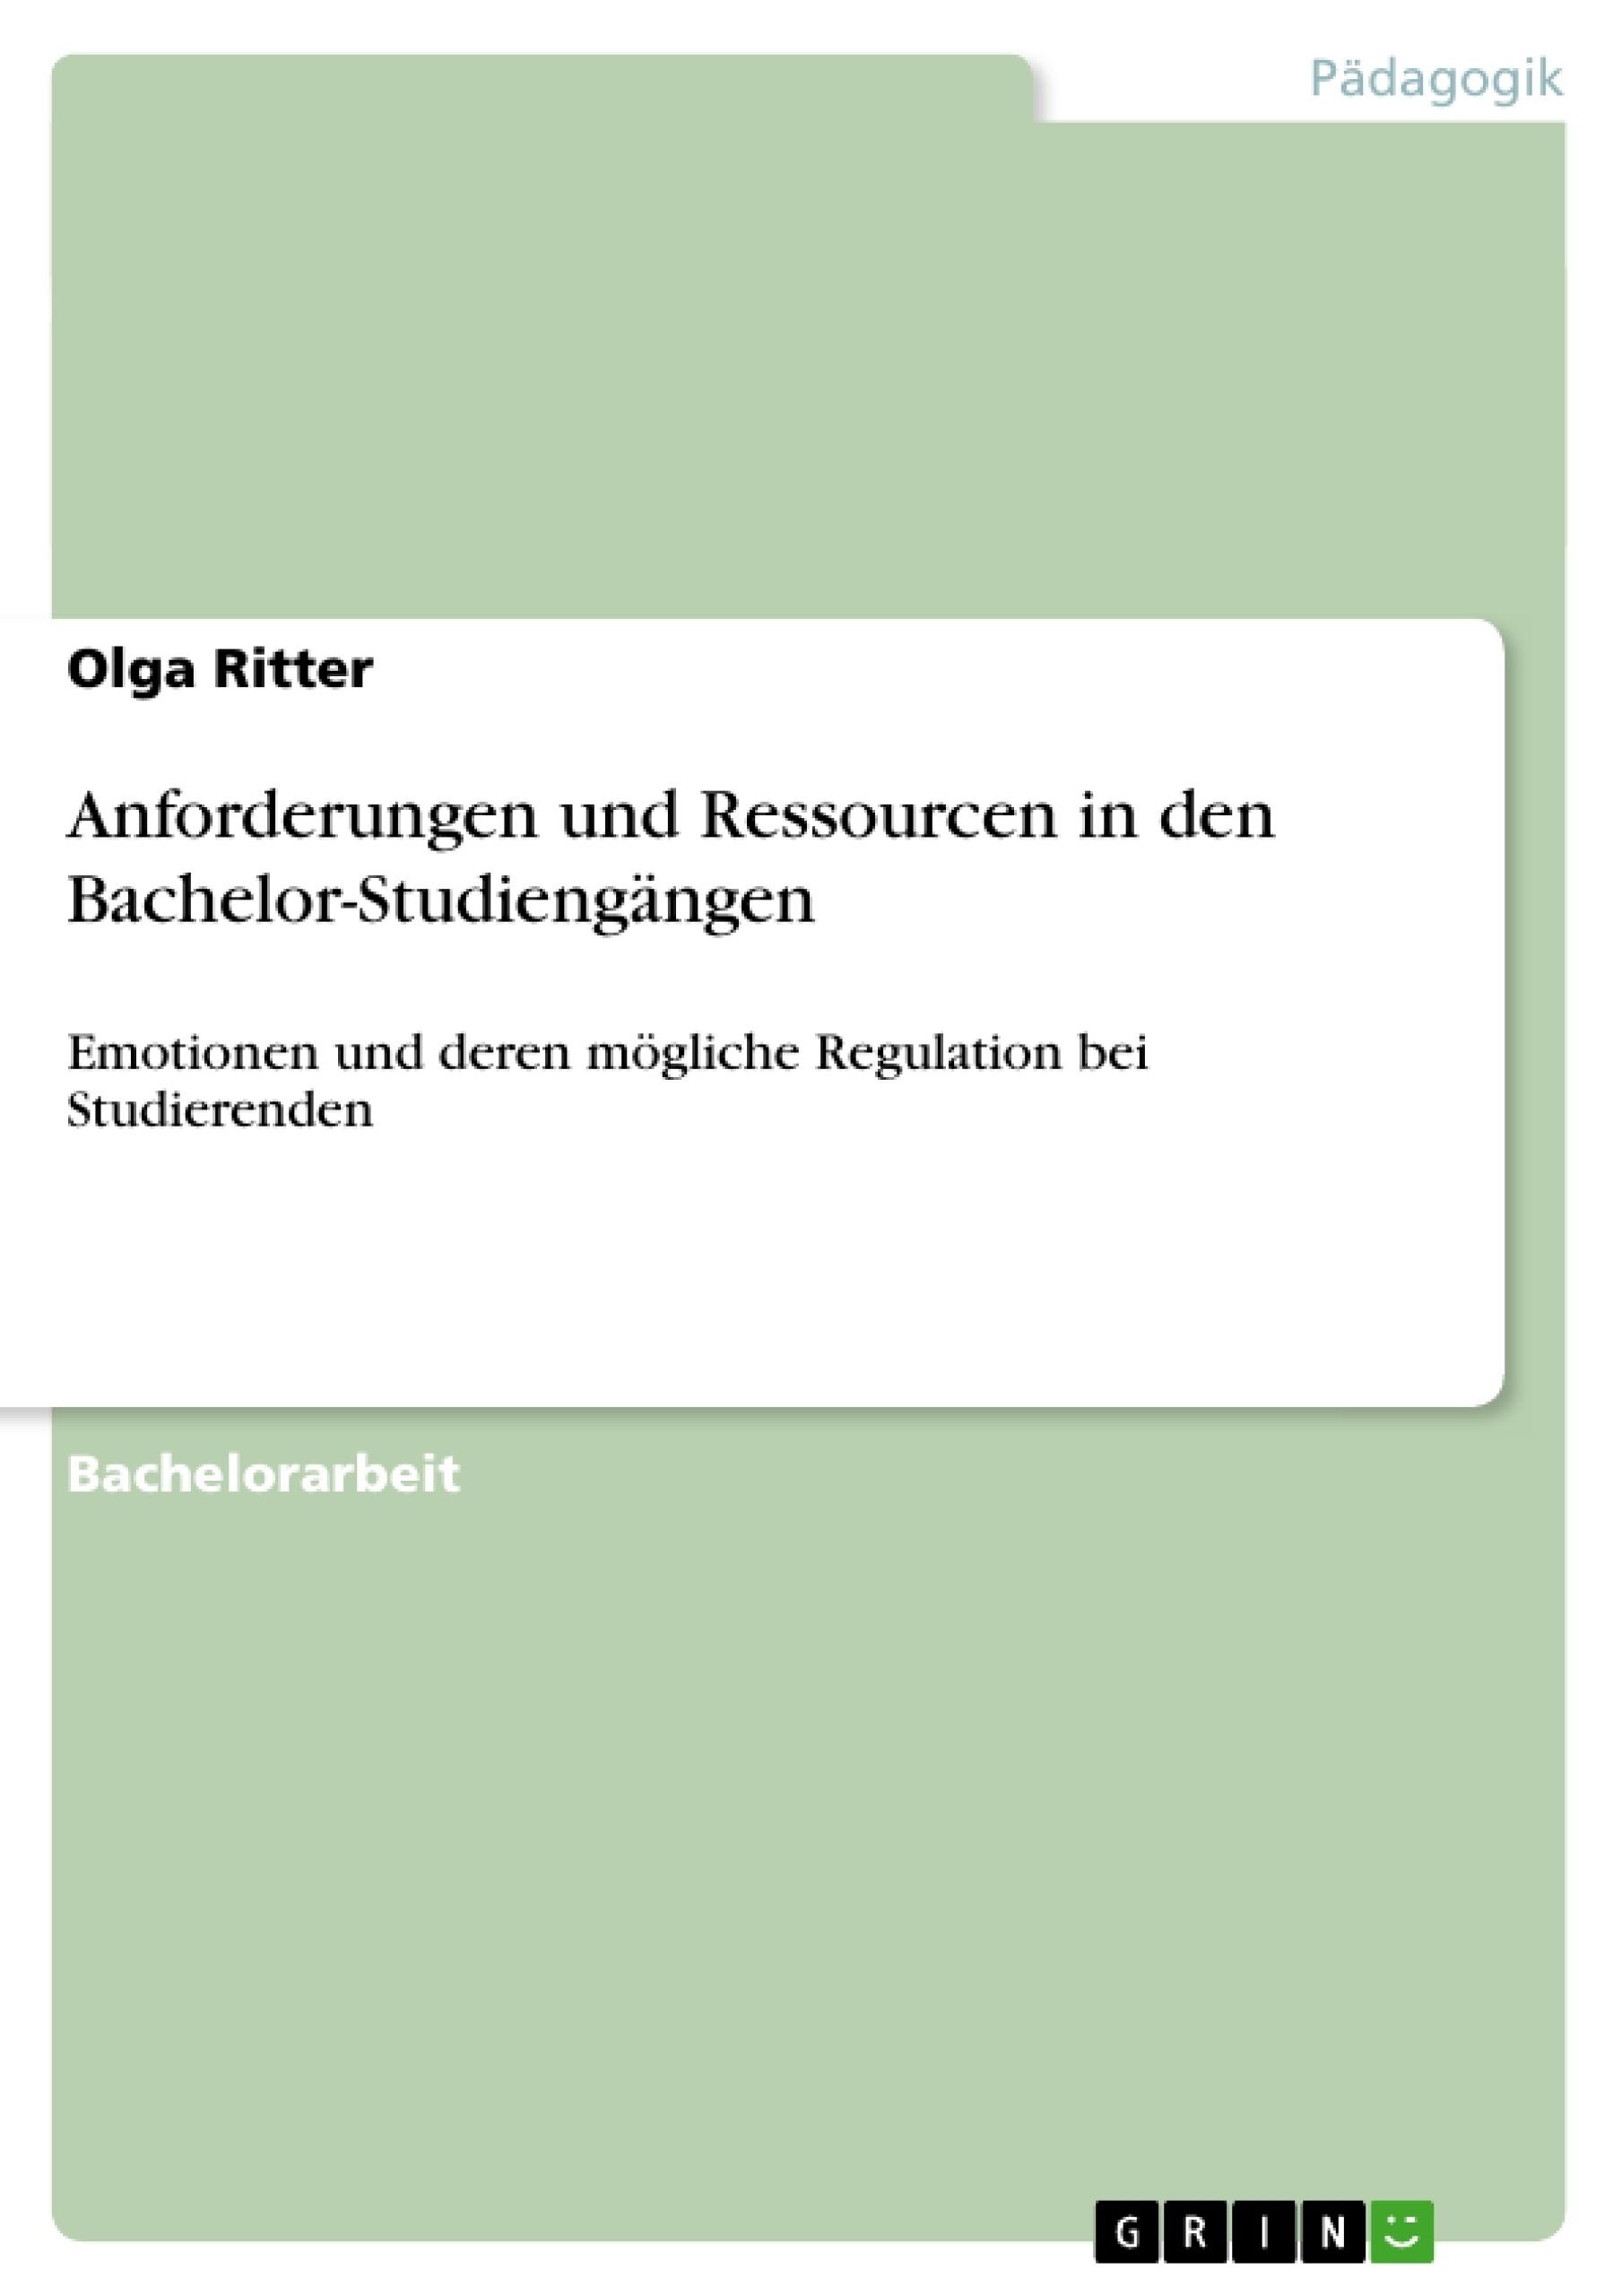 Titel: Anforderungen und Ressourcen in den Bachelor-Studiengängen